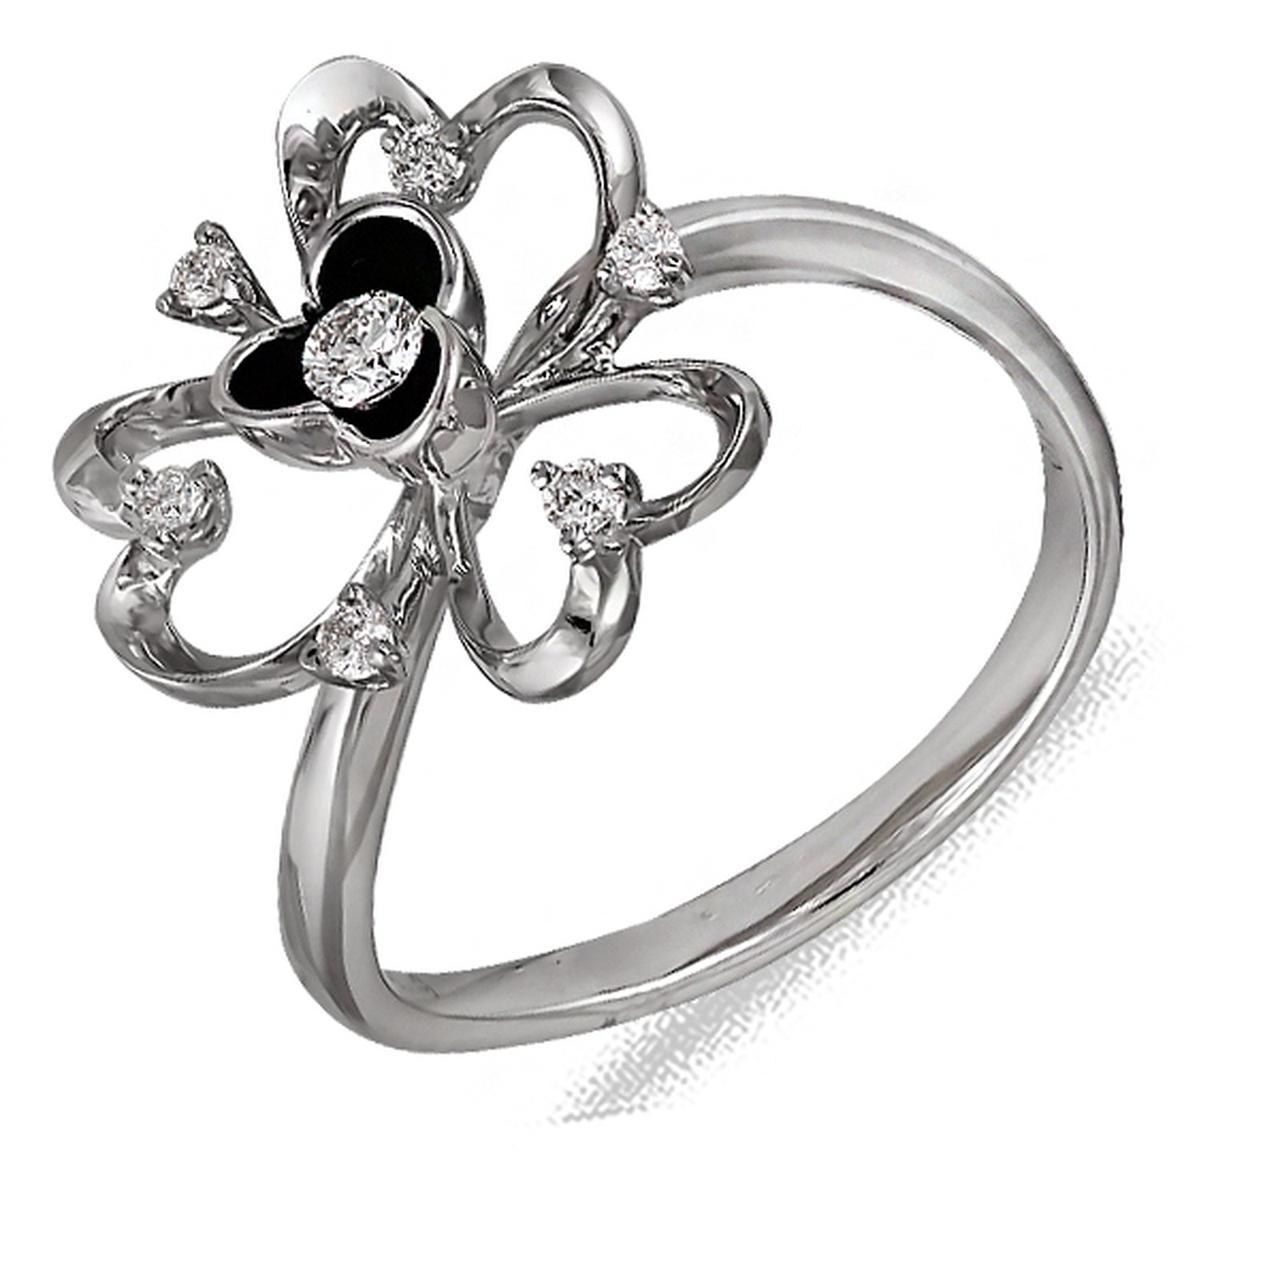 Золотое кольцо с бриллиантами и эмалью, размер 16.5 (014535)